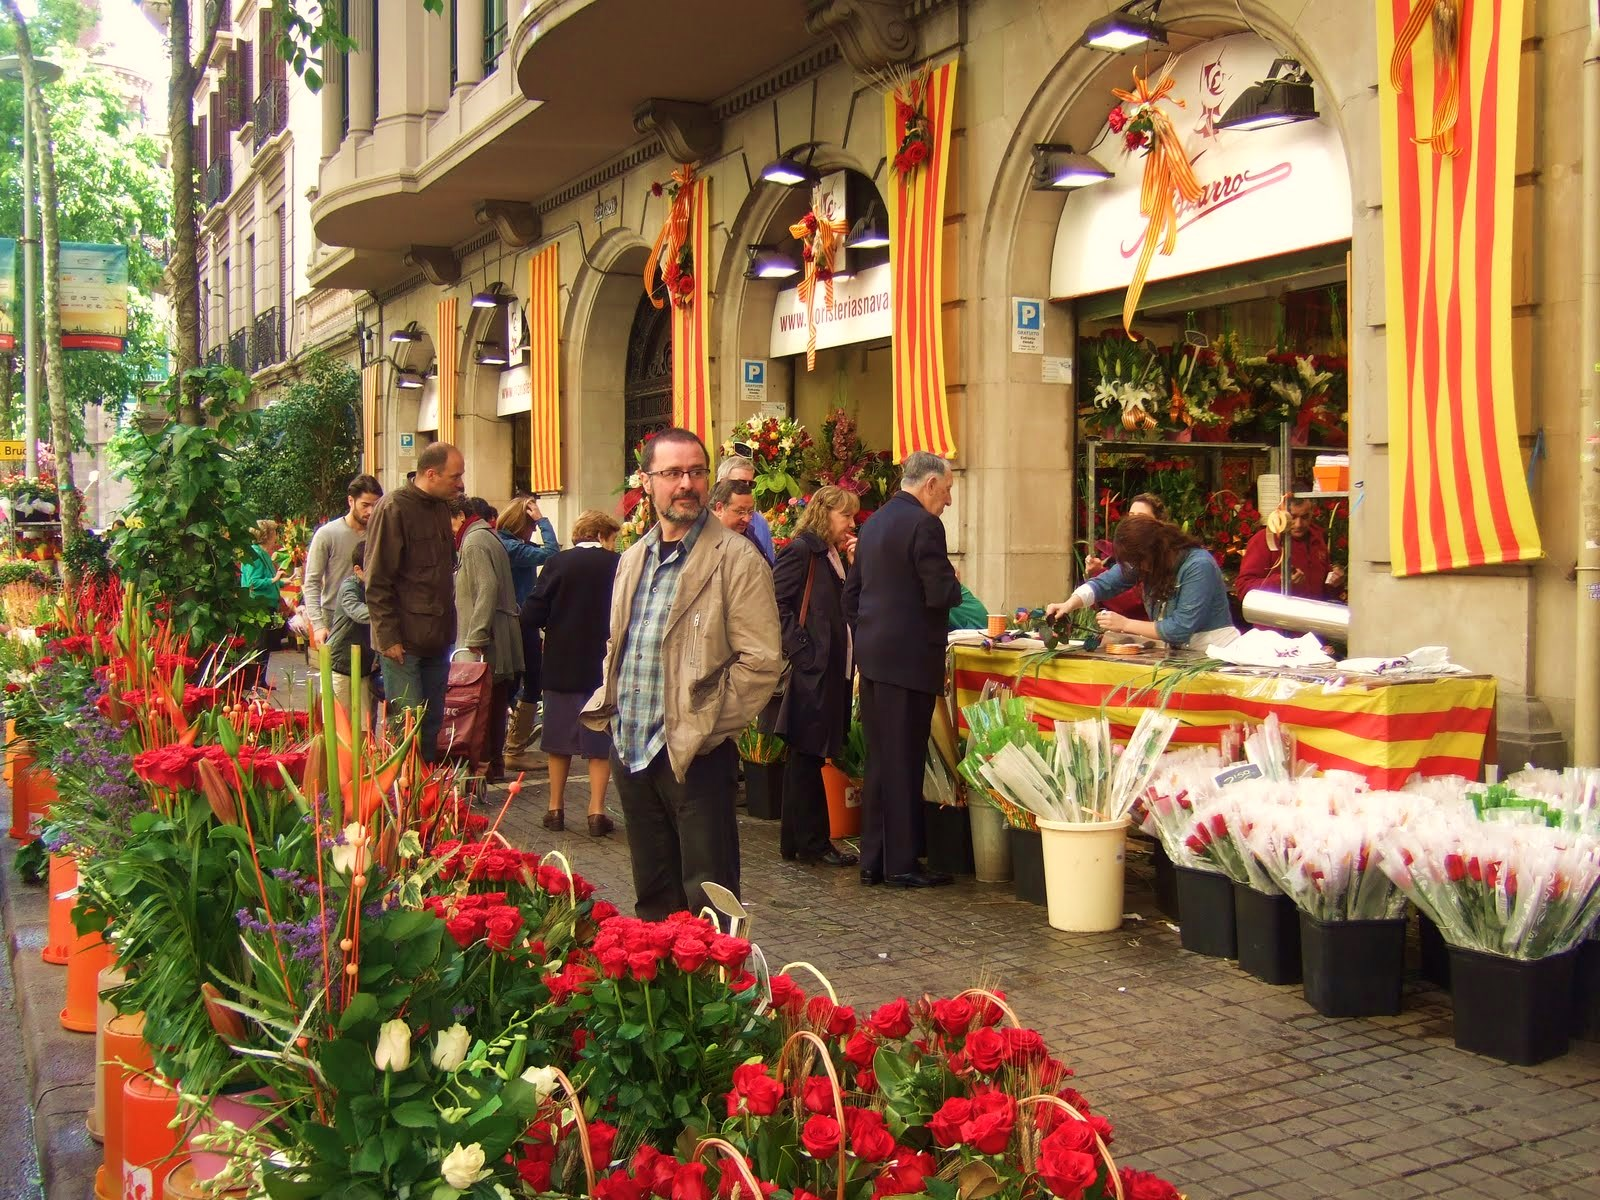 Sant jordi 39 s day barcelona connect for Piscinas sant jordi barcelona